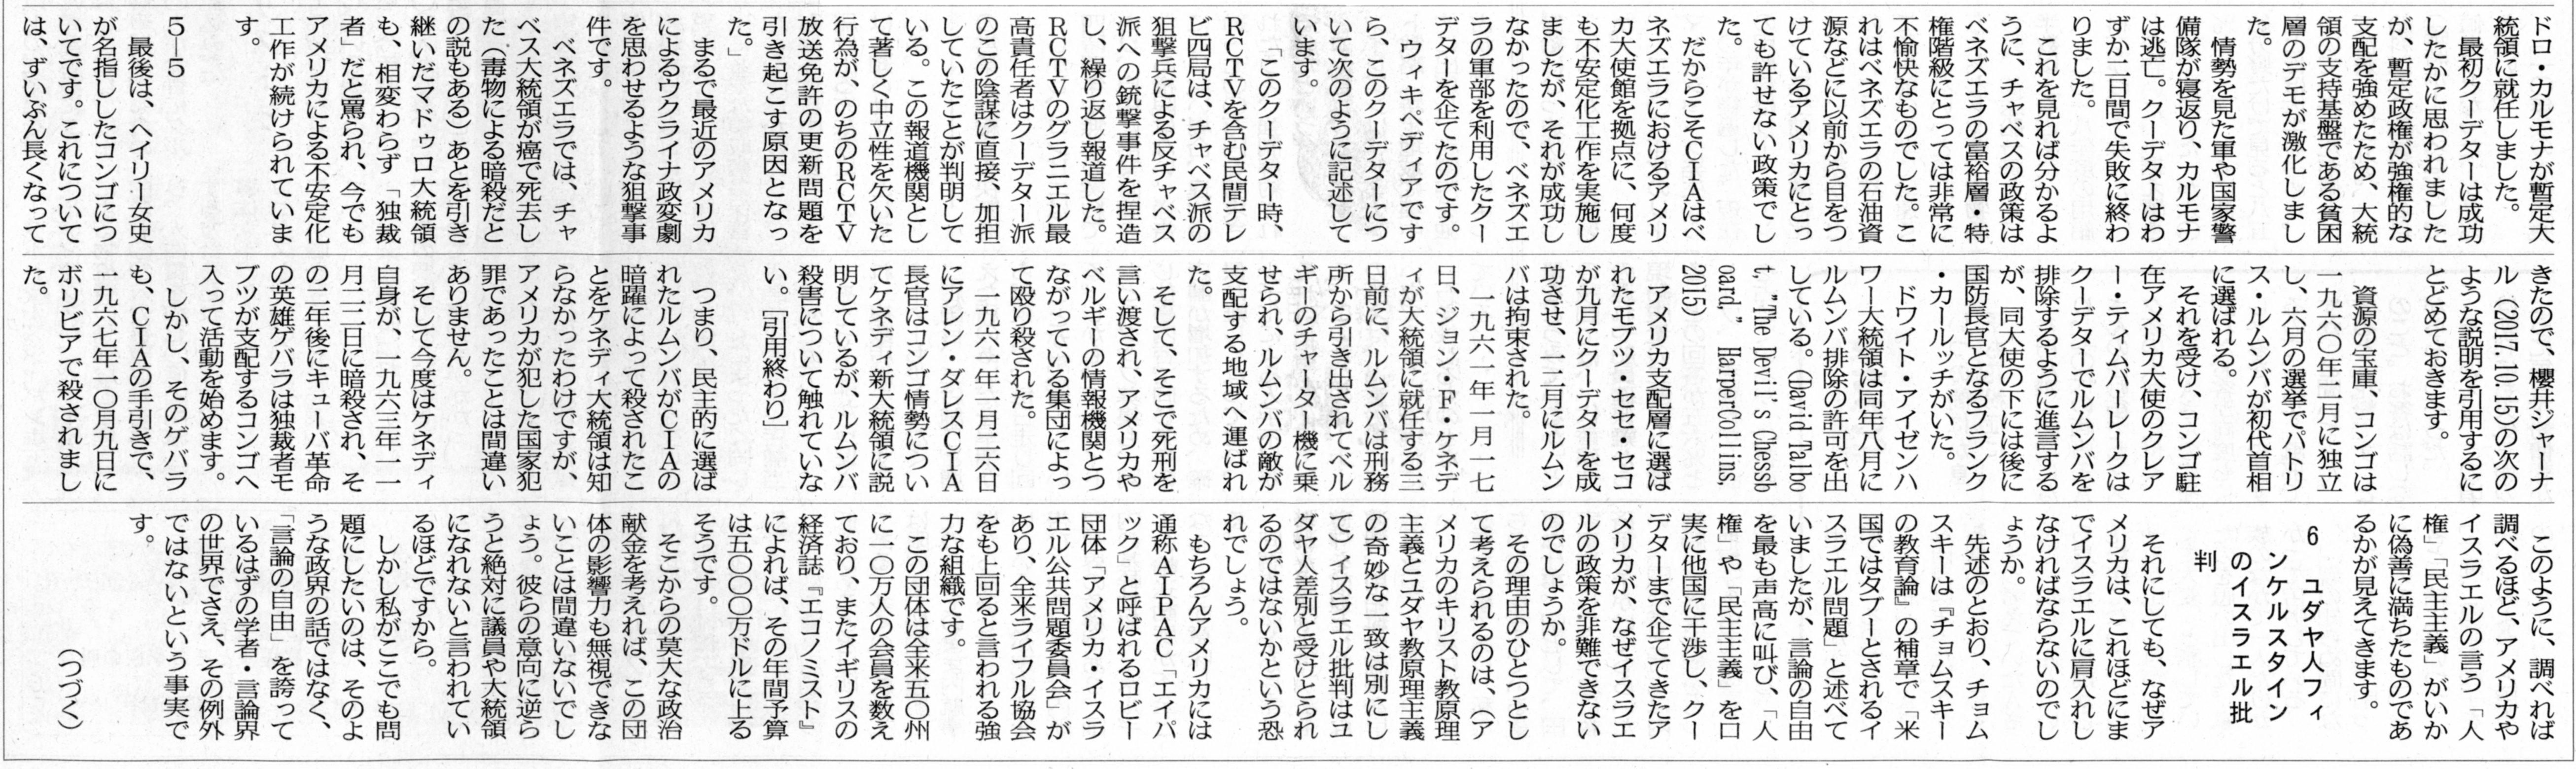 長州新聞20190210神に選ばれた国と神に選ばれた民に未来はあるか⑦224